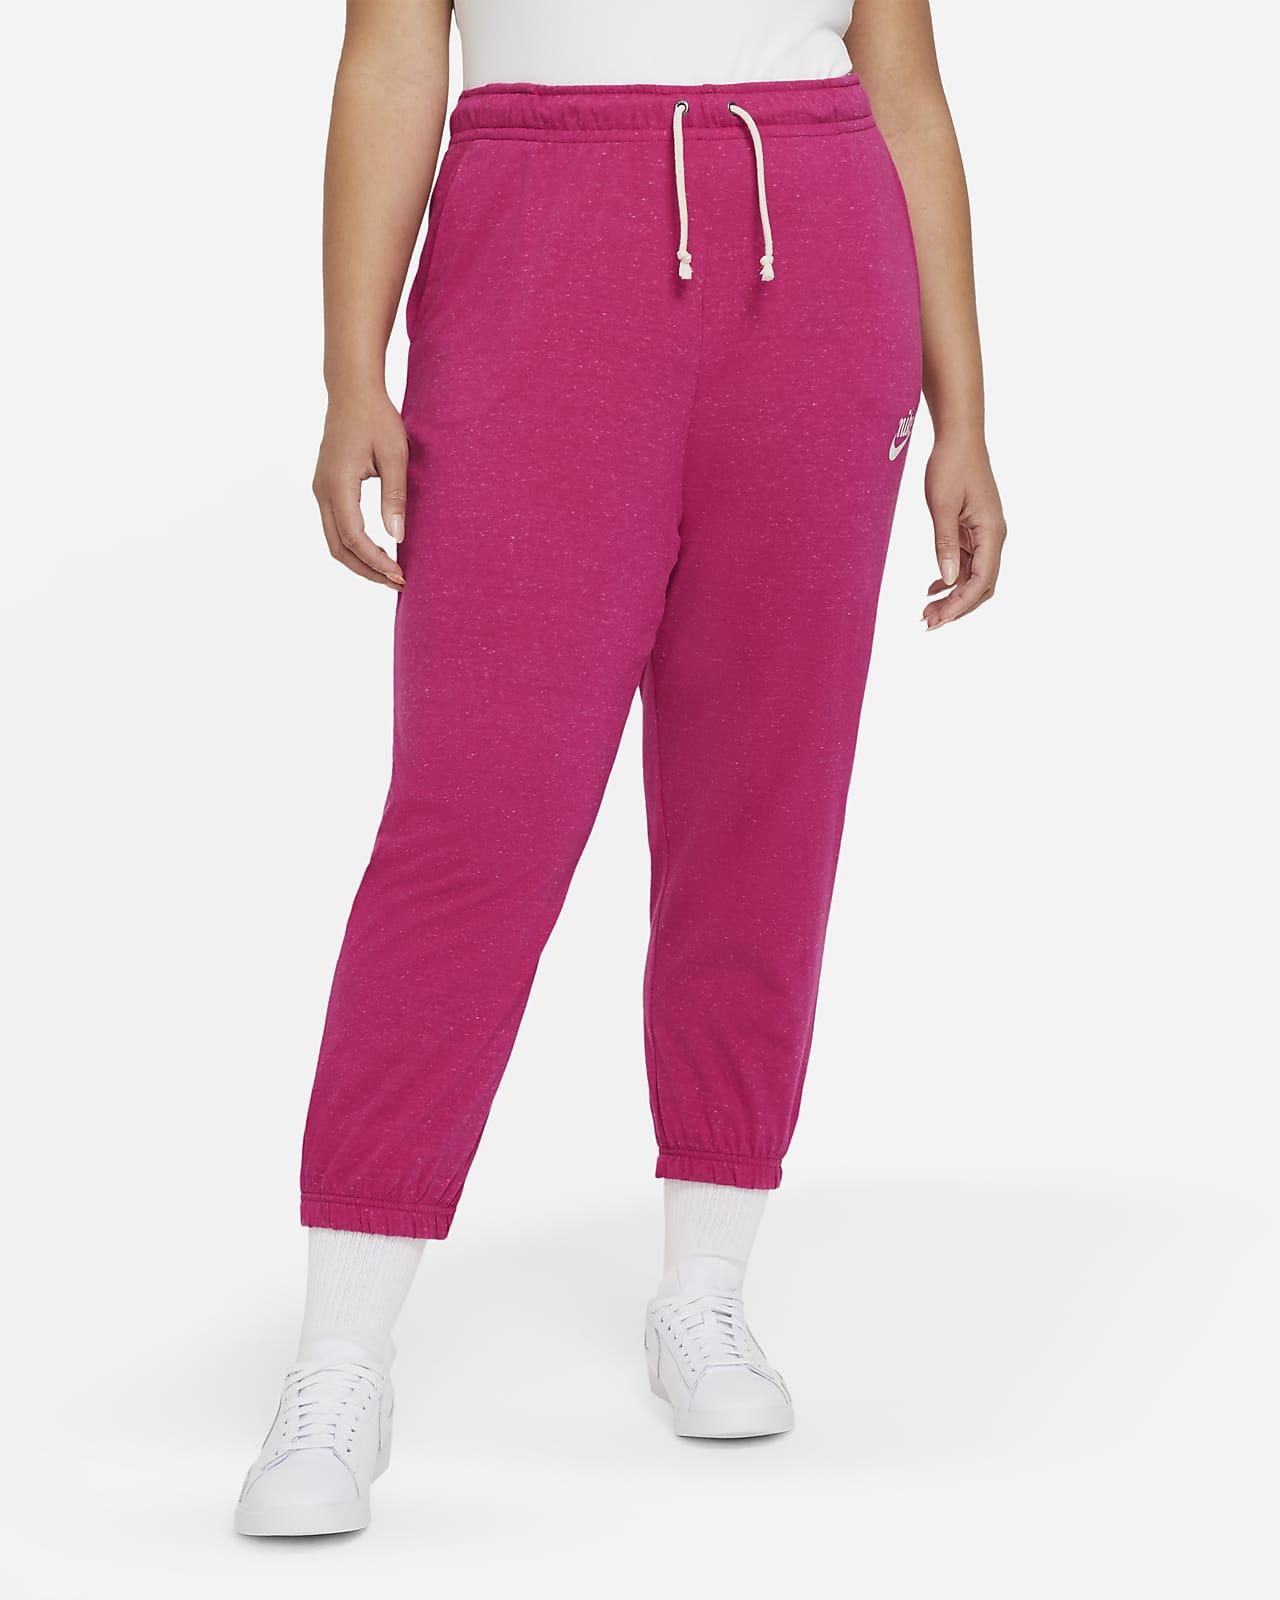 Pantalones capri para mujer talla grande Nike Sportswear